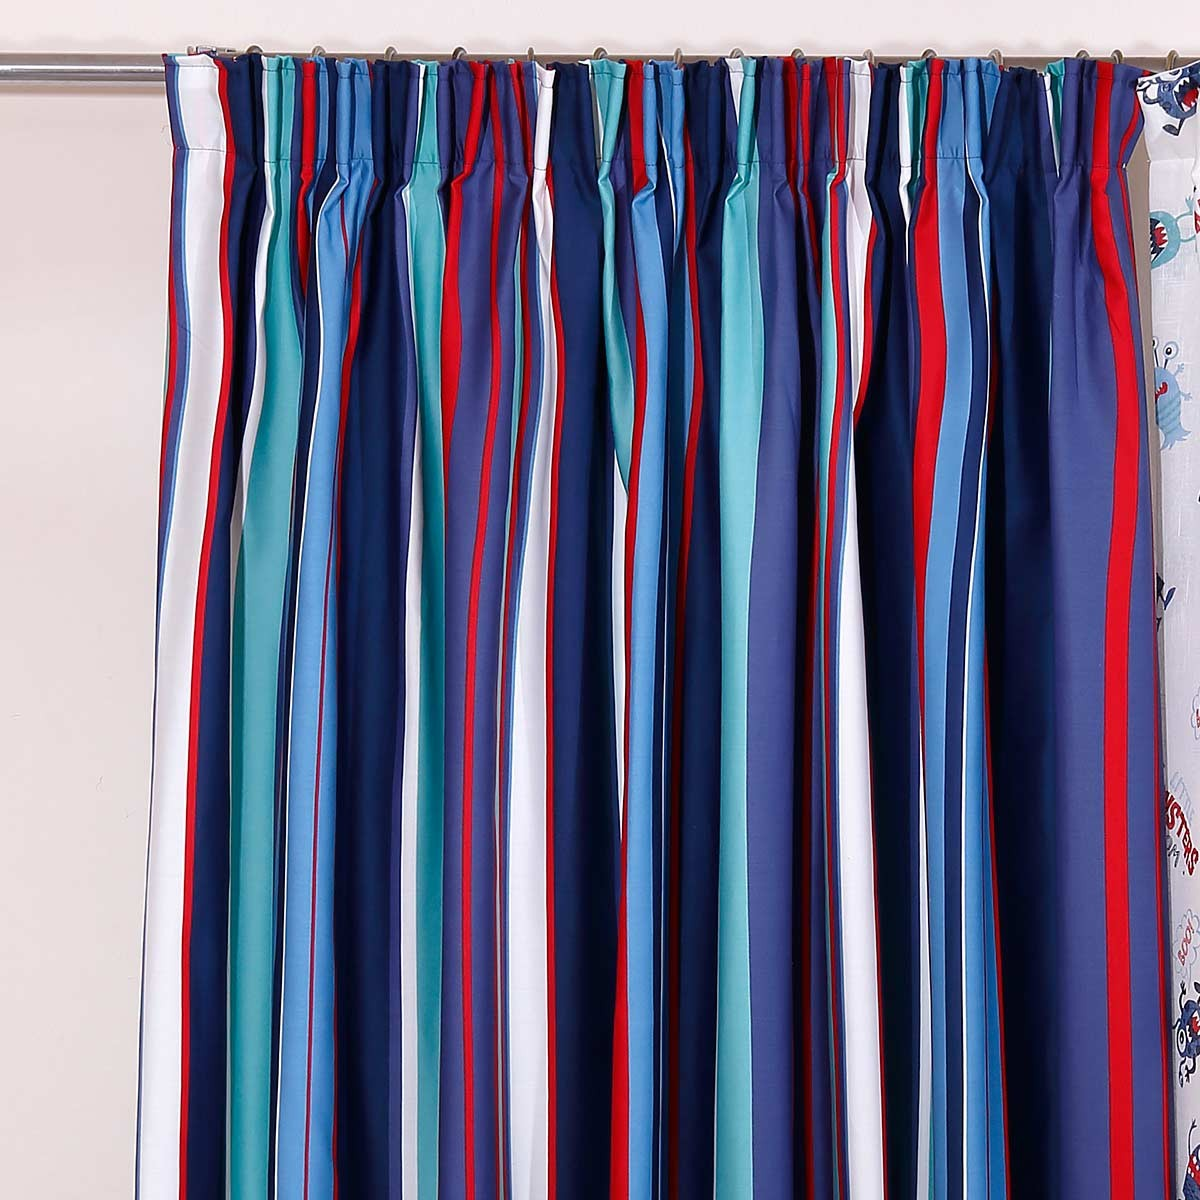 Παιδική Κουρτίνα (280x270) Viopros Curtains Έλιοτ Ριγέ